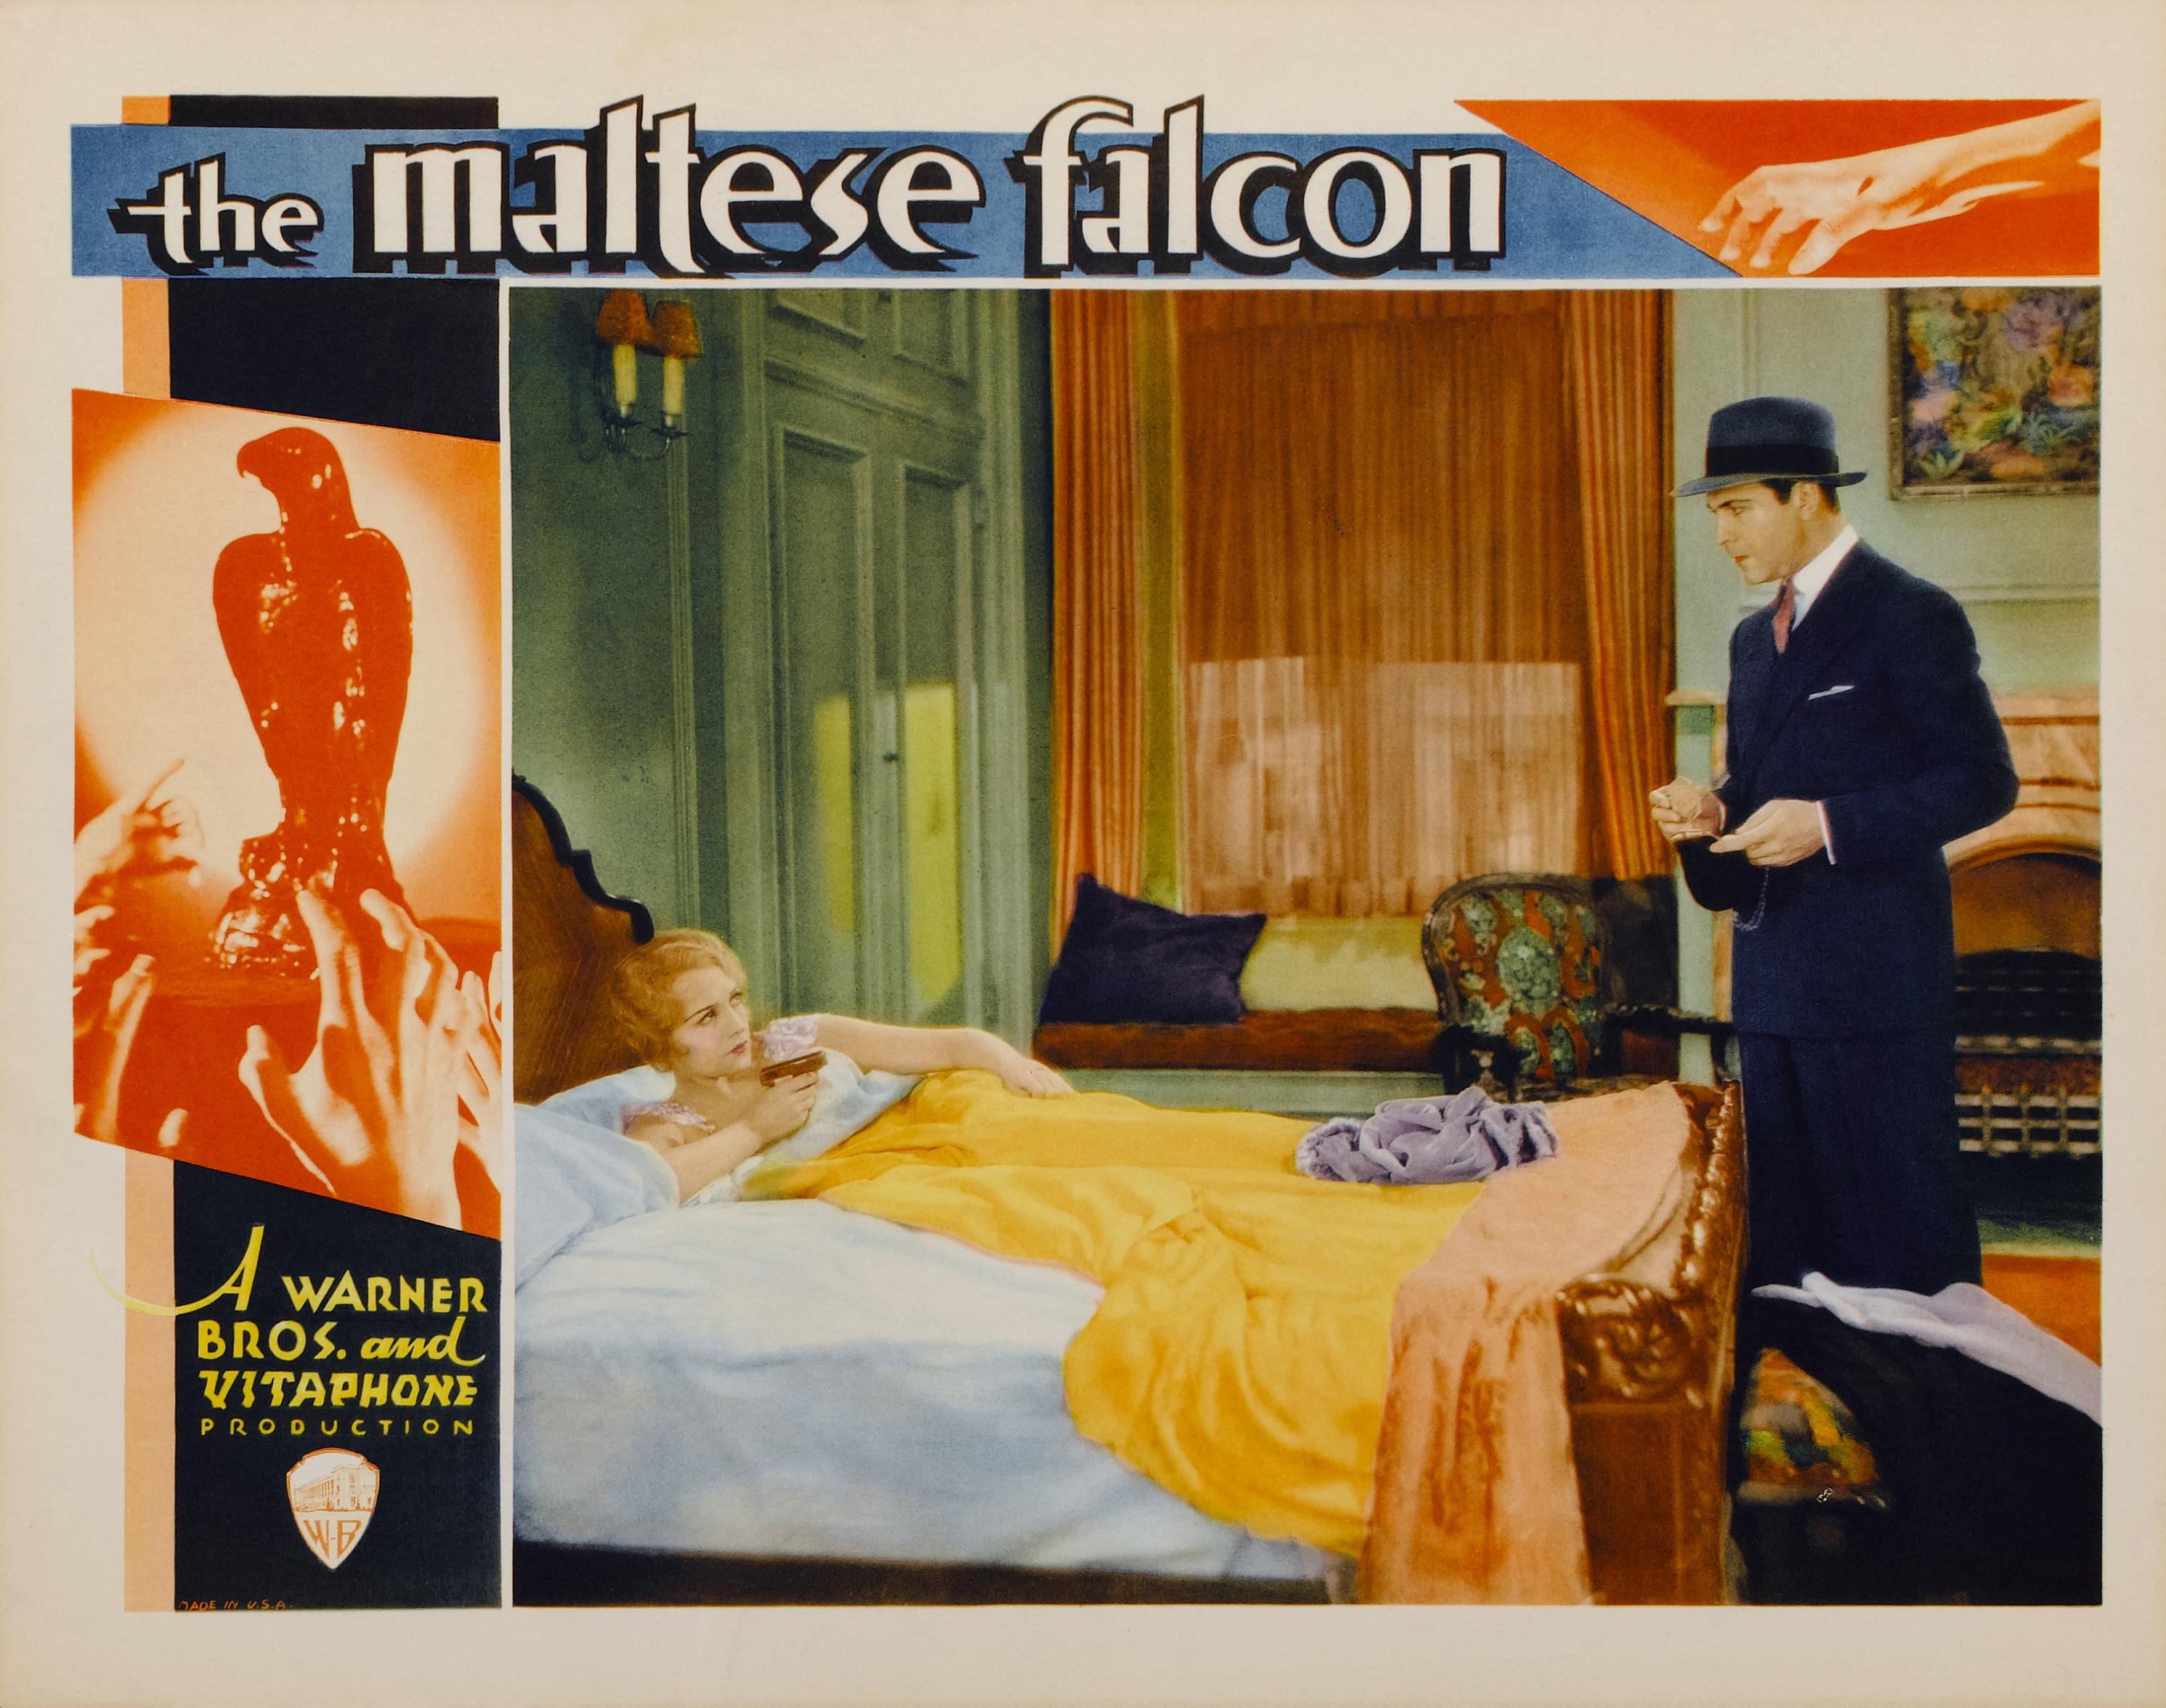 Maltese falcon movie book comparison